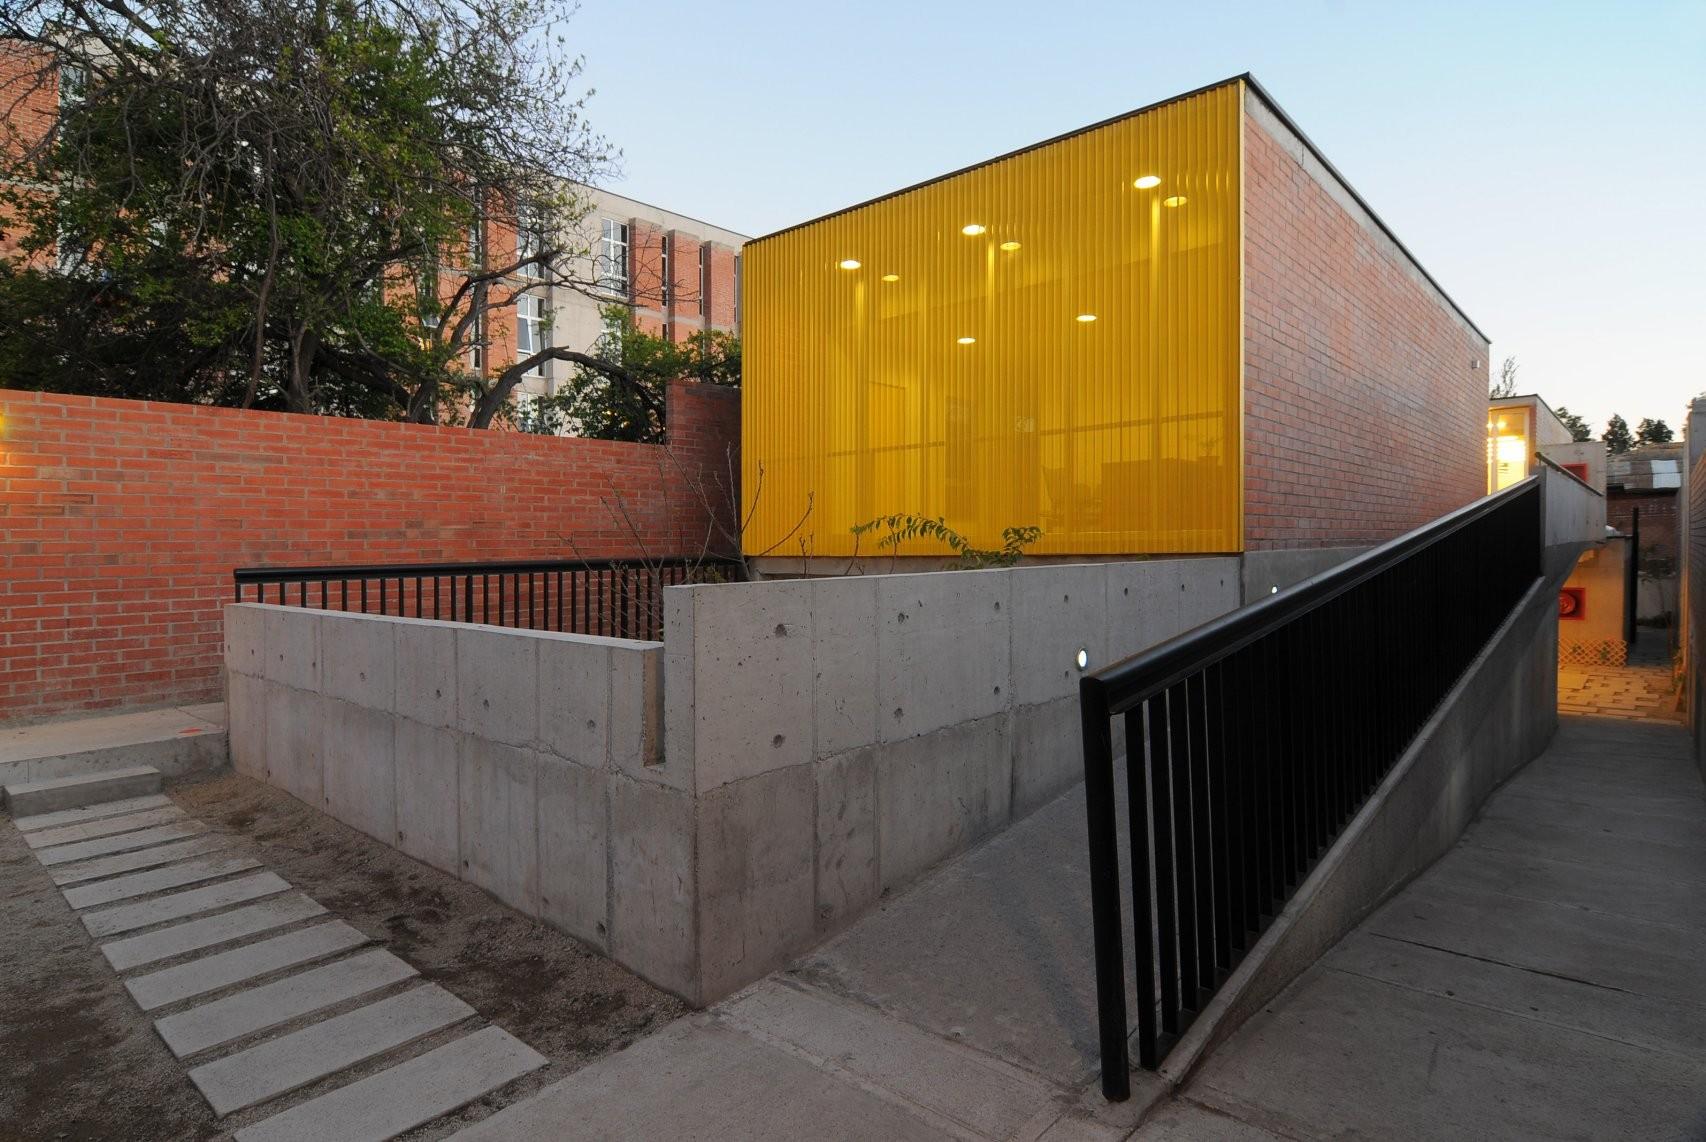 Villa El Sol School / Gubbins Arquitectos, © Cortesía de Gubbins Arquitectos